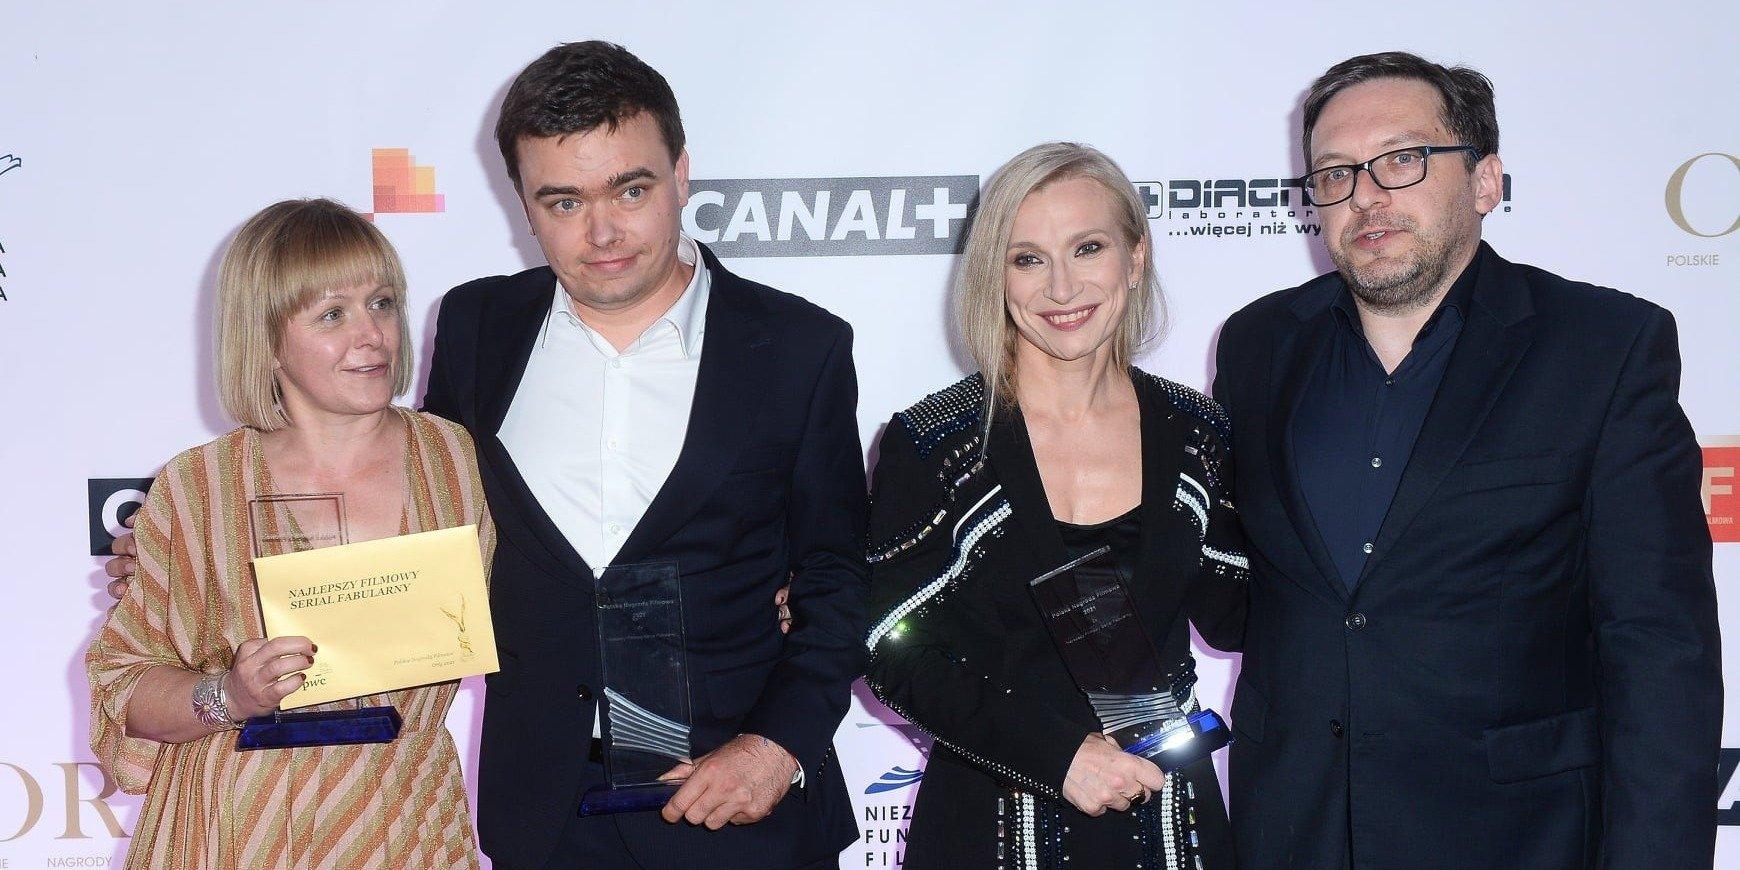 Laureaci 23. Polskich Nagród Filmowych Orły - KRÓL najlepszym serialem